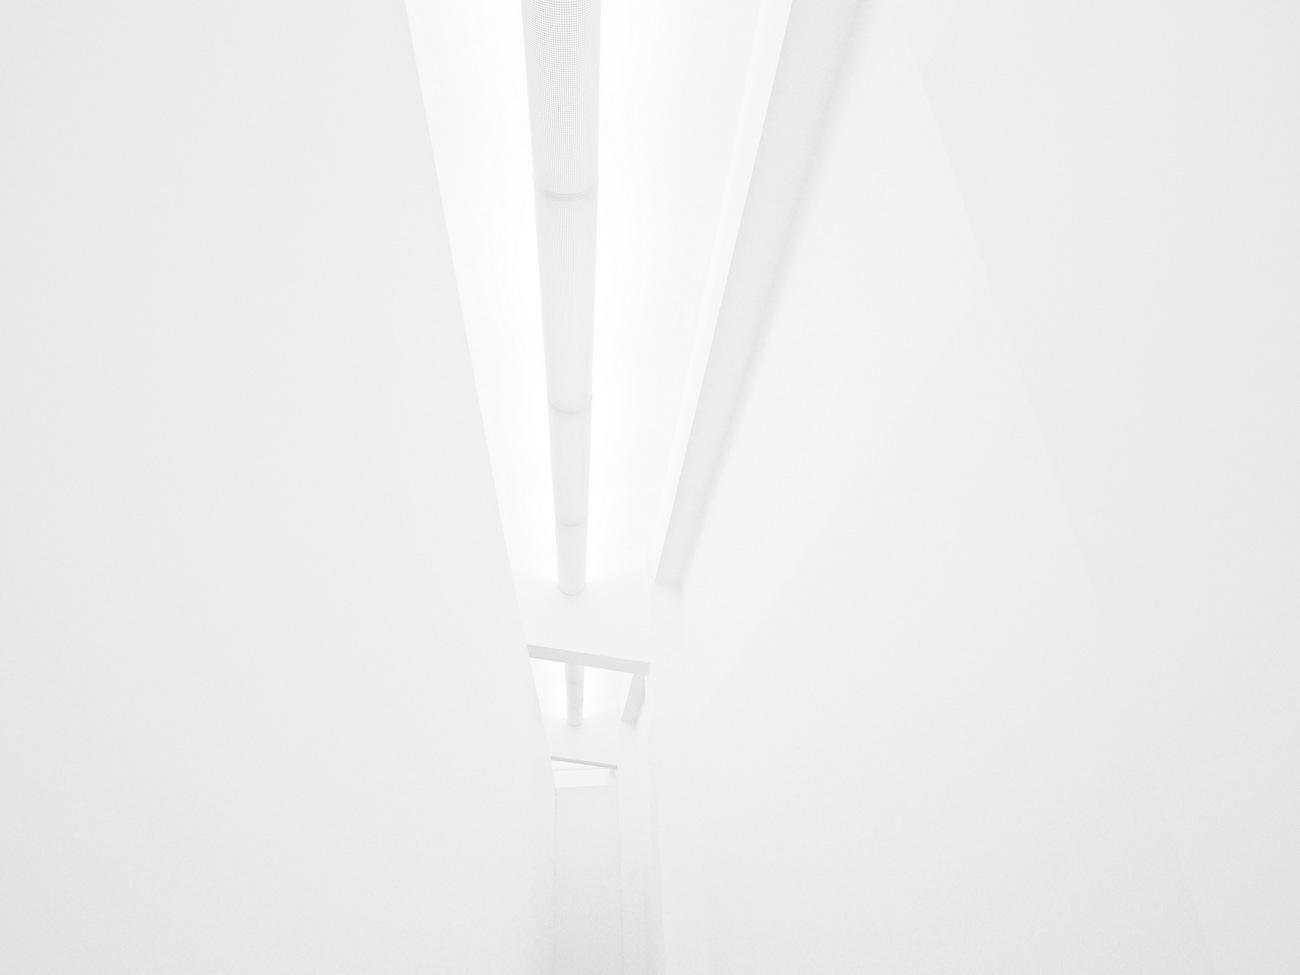 lighttubes, 2011